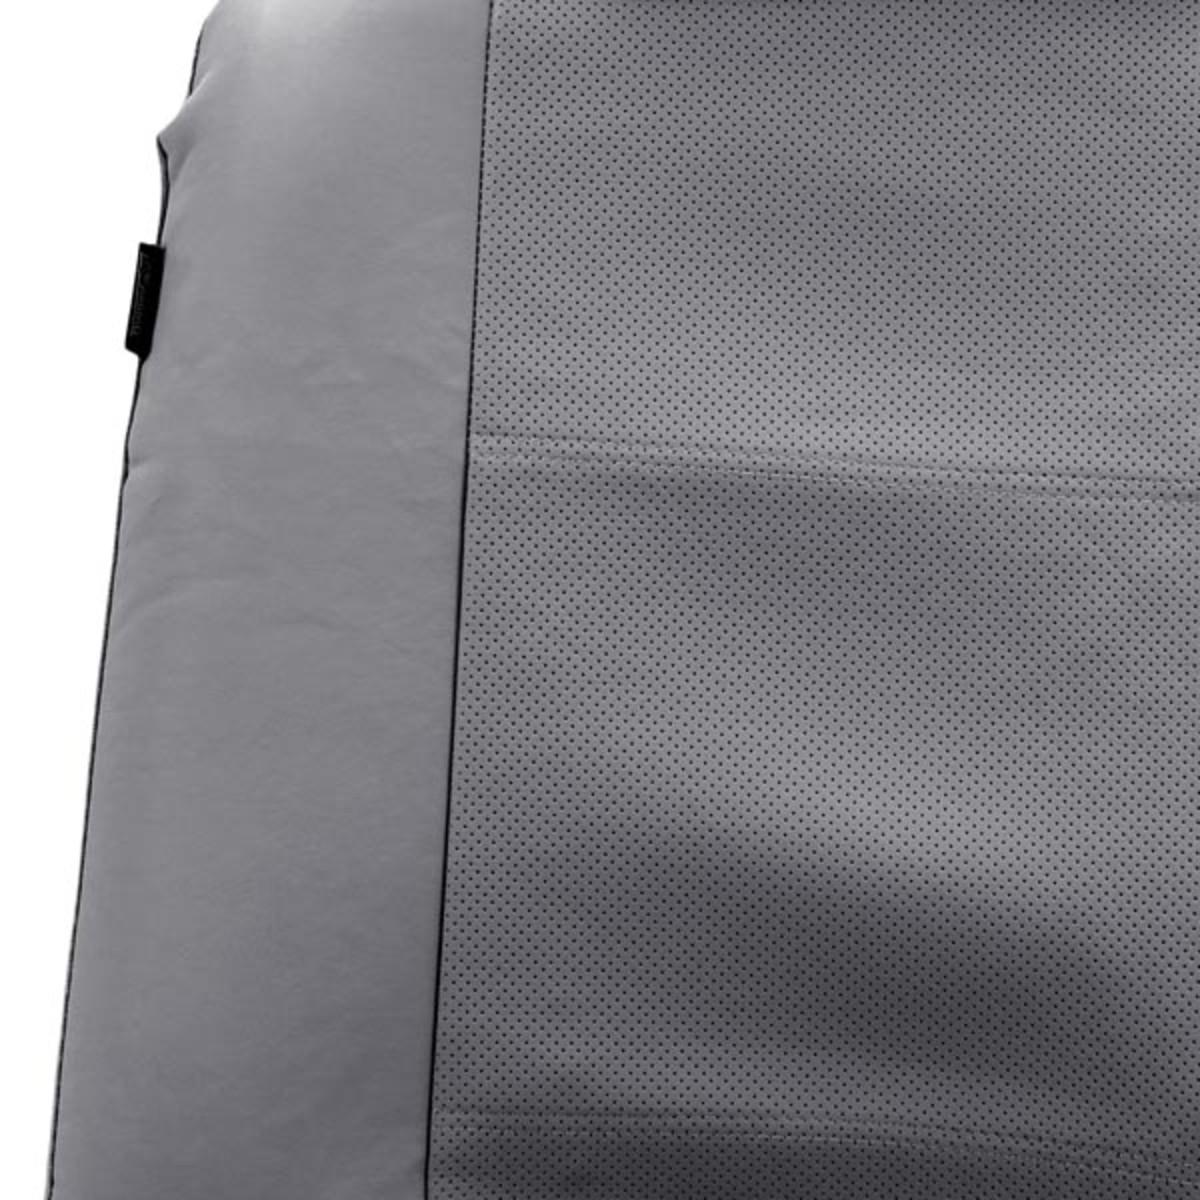 Nissan Altima 2019 PU007102 seat cover PU007102 2